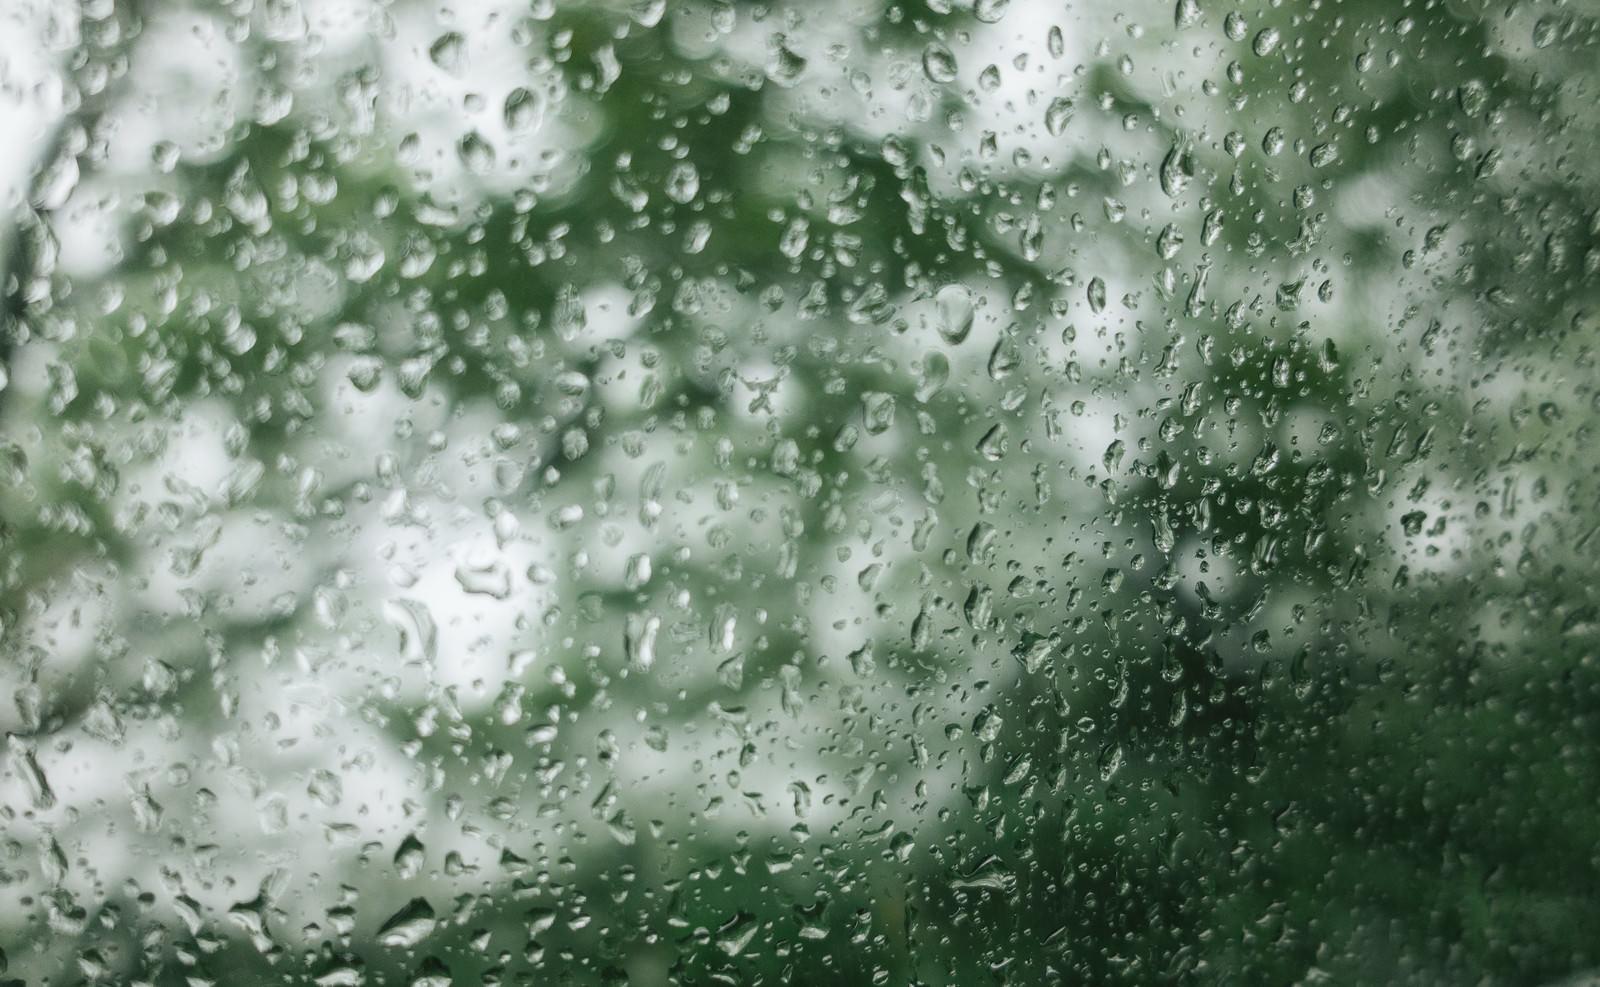 「水滴と窓ガラス」の写真